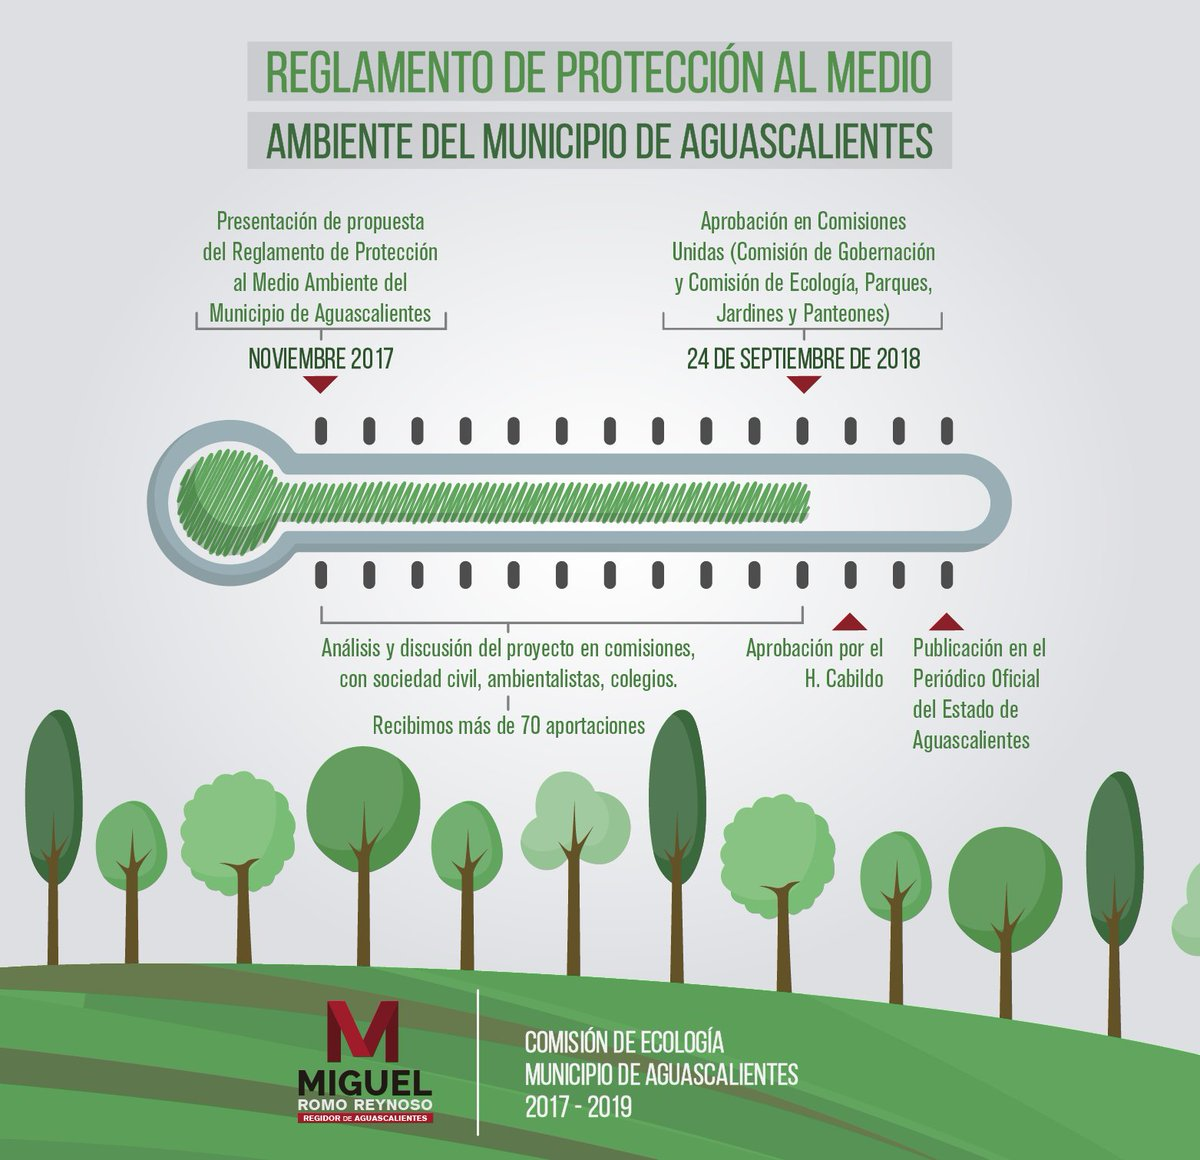 Con mucha alegría hoy en Comisiones unidas de Ecología, Parques, Jardines y Panteones y Gobernación, fue aprobado por unanimidad el Reglamento de Protección al Medio Ambiente y manejo de áreas verdes del Municipio de #Aguascalientes que propuse desde noviembre del 2017. https://t.co/wkcTl4vitb